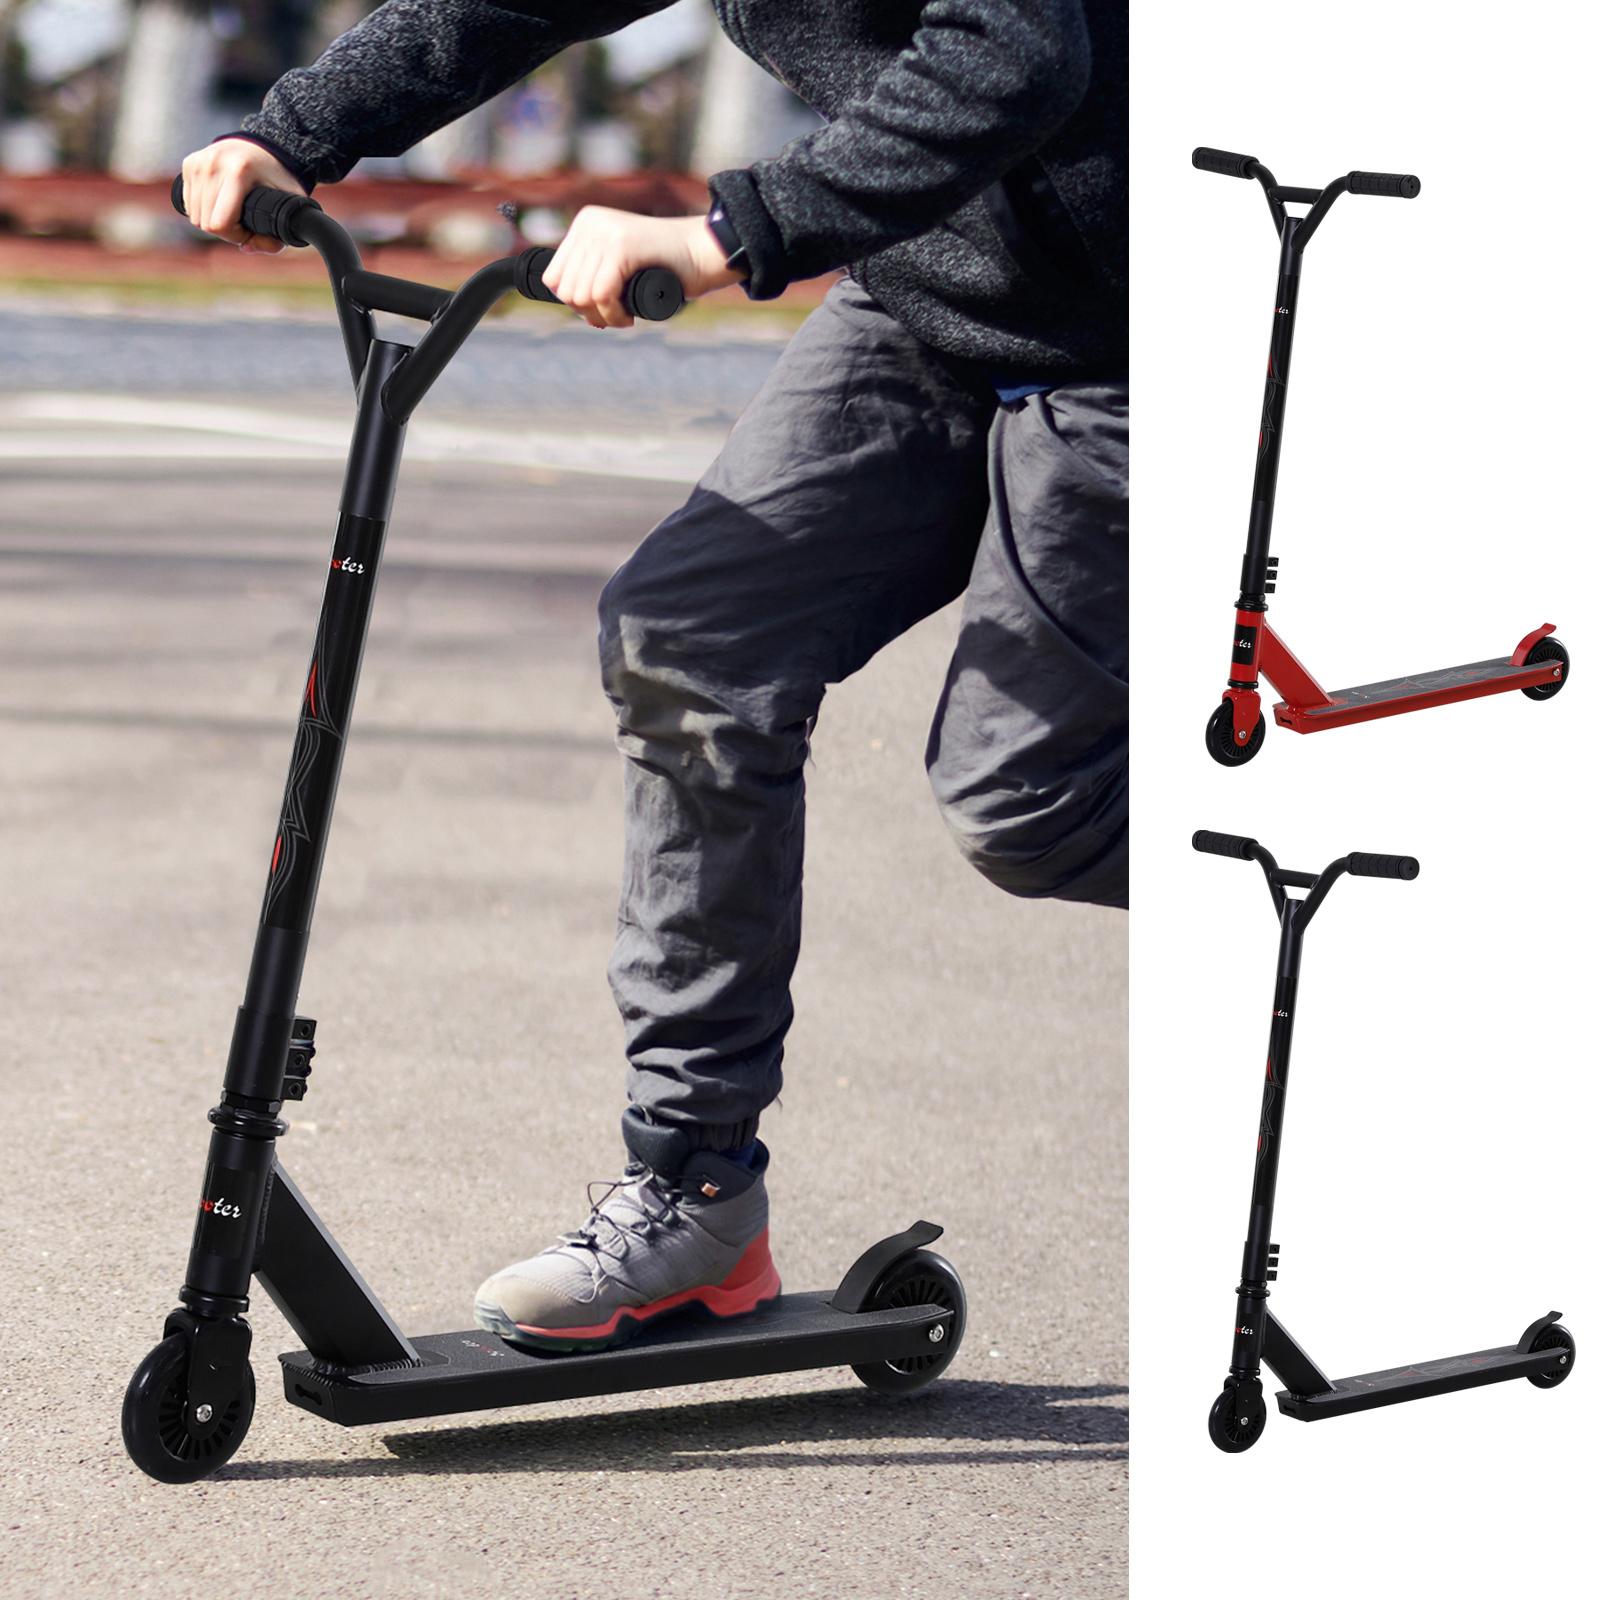 HOMCOM Pro Stunt Scooter Tretroller Freestyle Tricks ab 14 Jahren 2 Farben